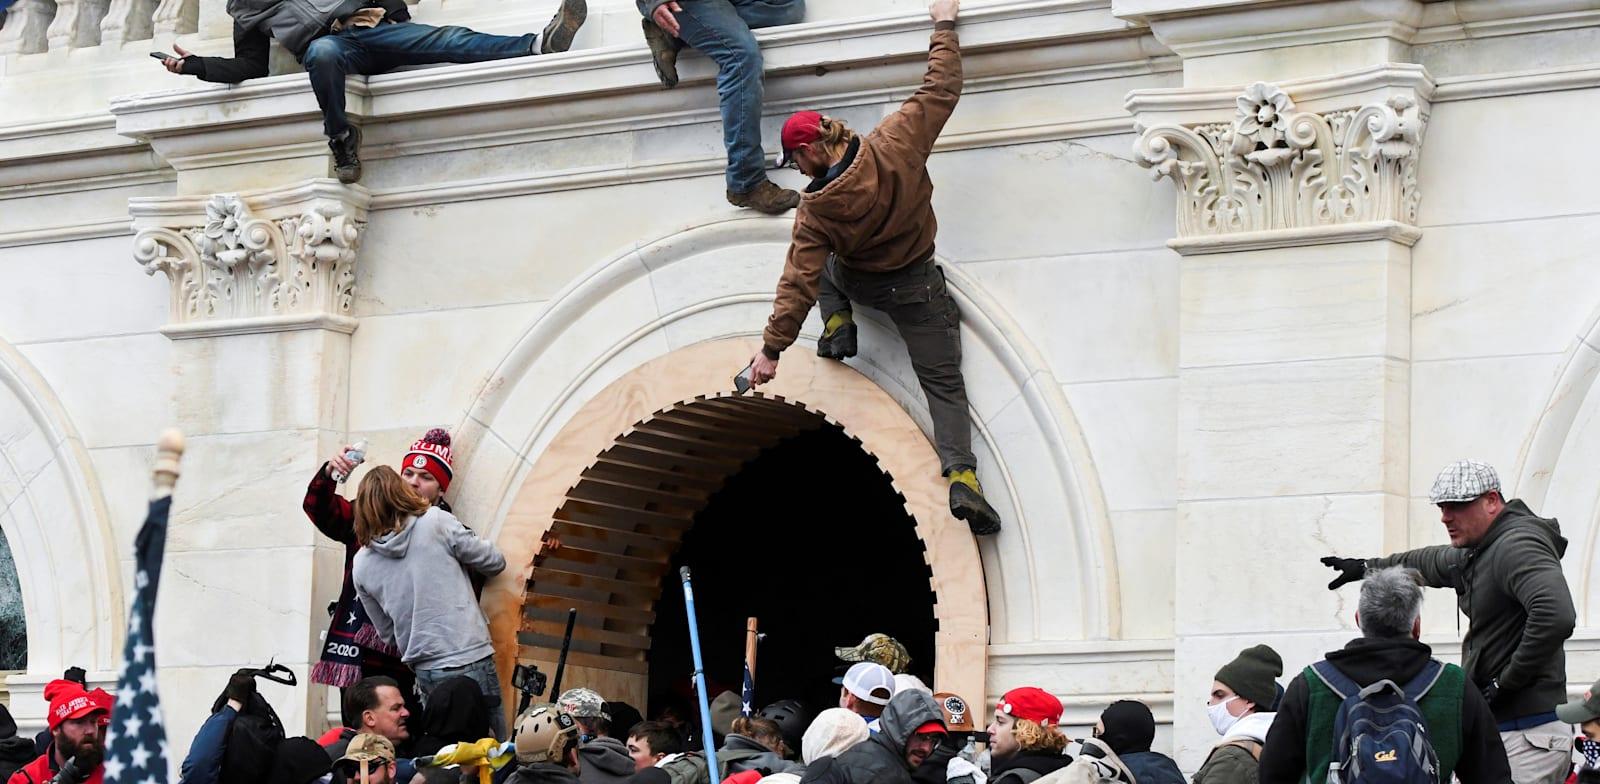 המהומות בבניין הקפיטול, לפני חודש / צילום: Reuters